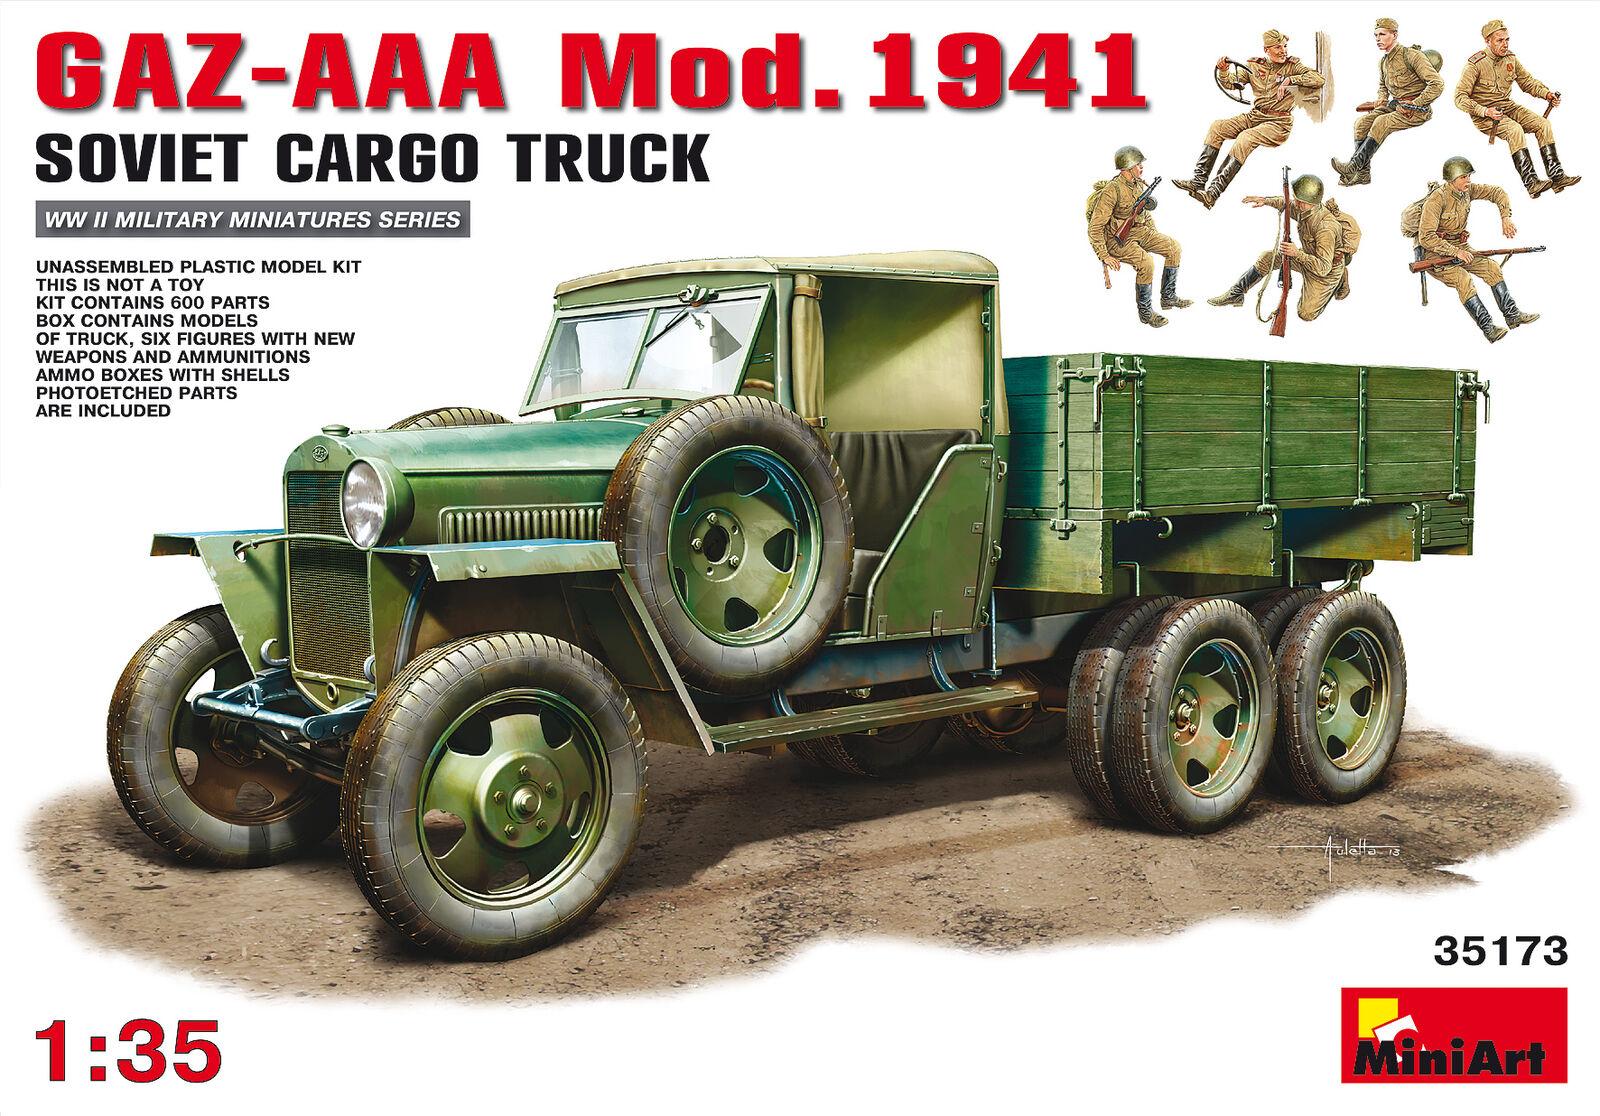 Envío y cambio gratis. Miniart 1 35 Gaz-Aaa Cochego Camion Mod. 1941    35173  aquí tiene la última